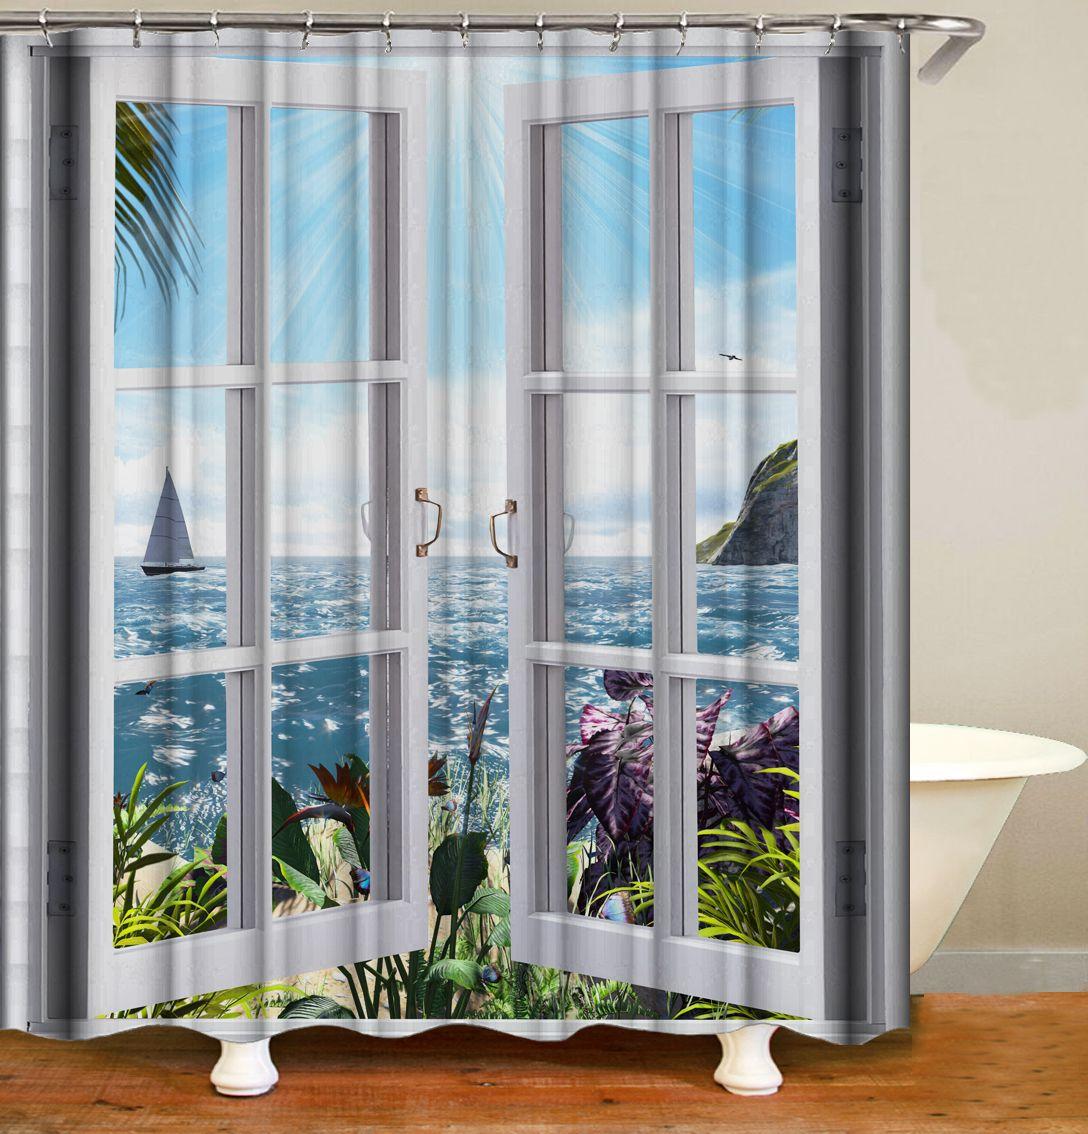 Window Scenery Printing Bathroom Waterproof Shower Curtain